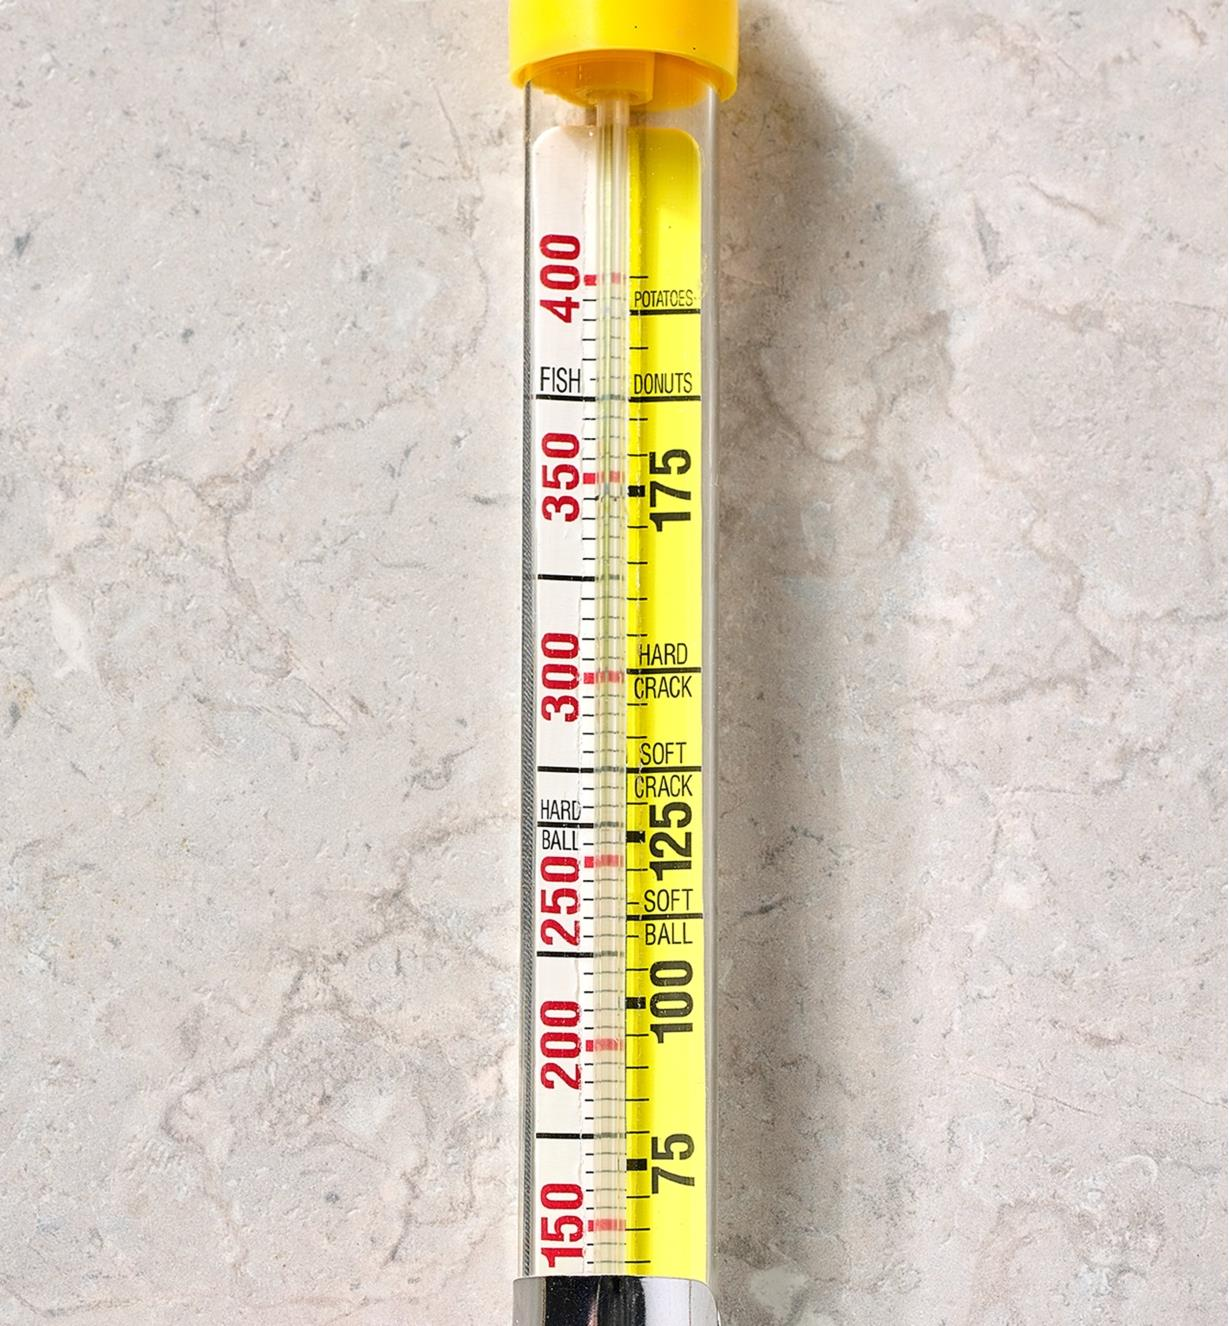 Gros plan des échelles de température d'un thermomètre pour friture et confiserie